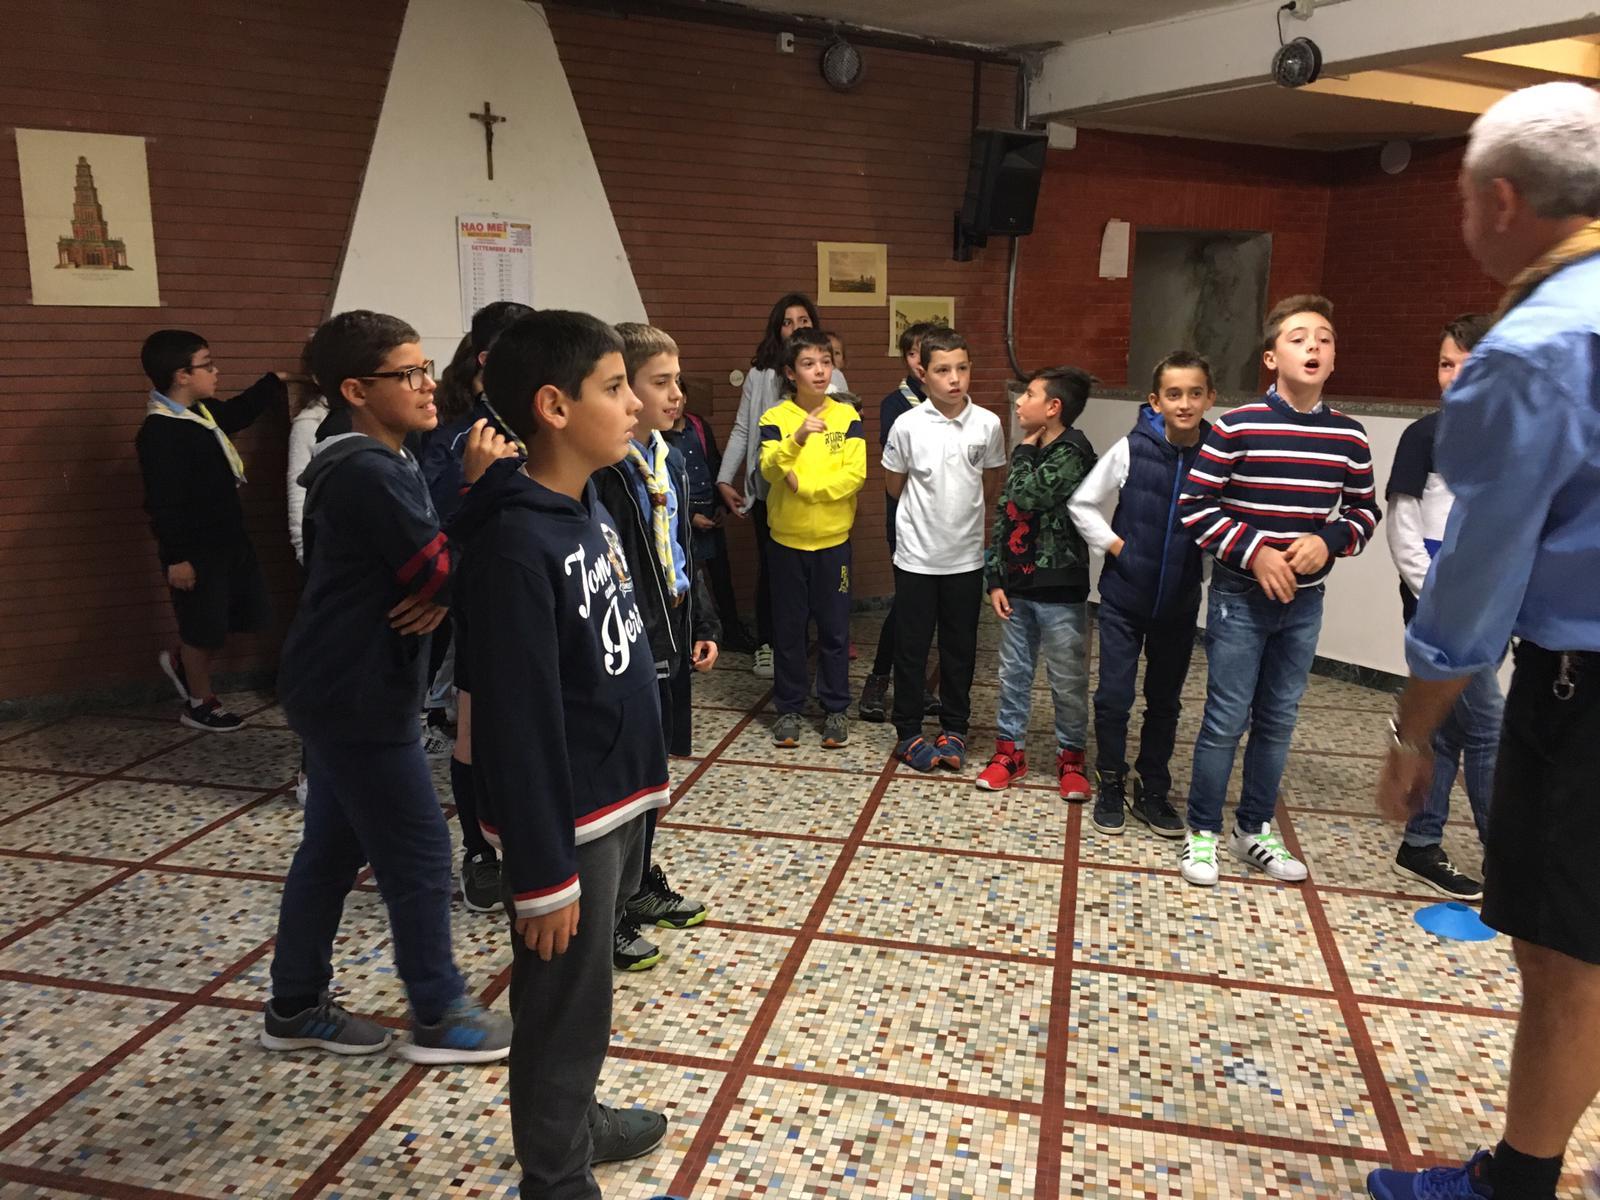 Apertura Catechismo Giochi (1)